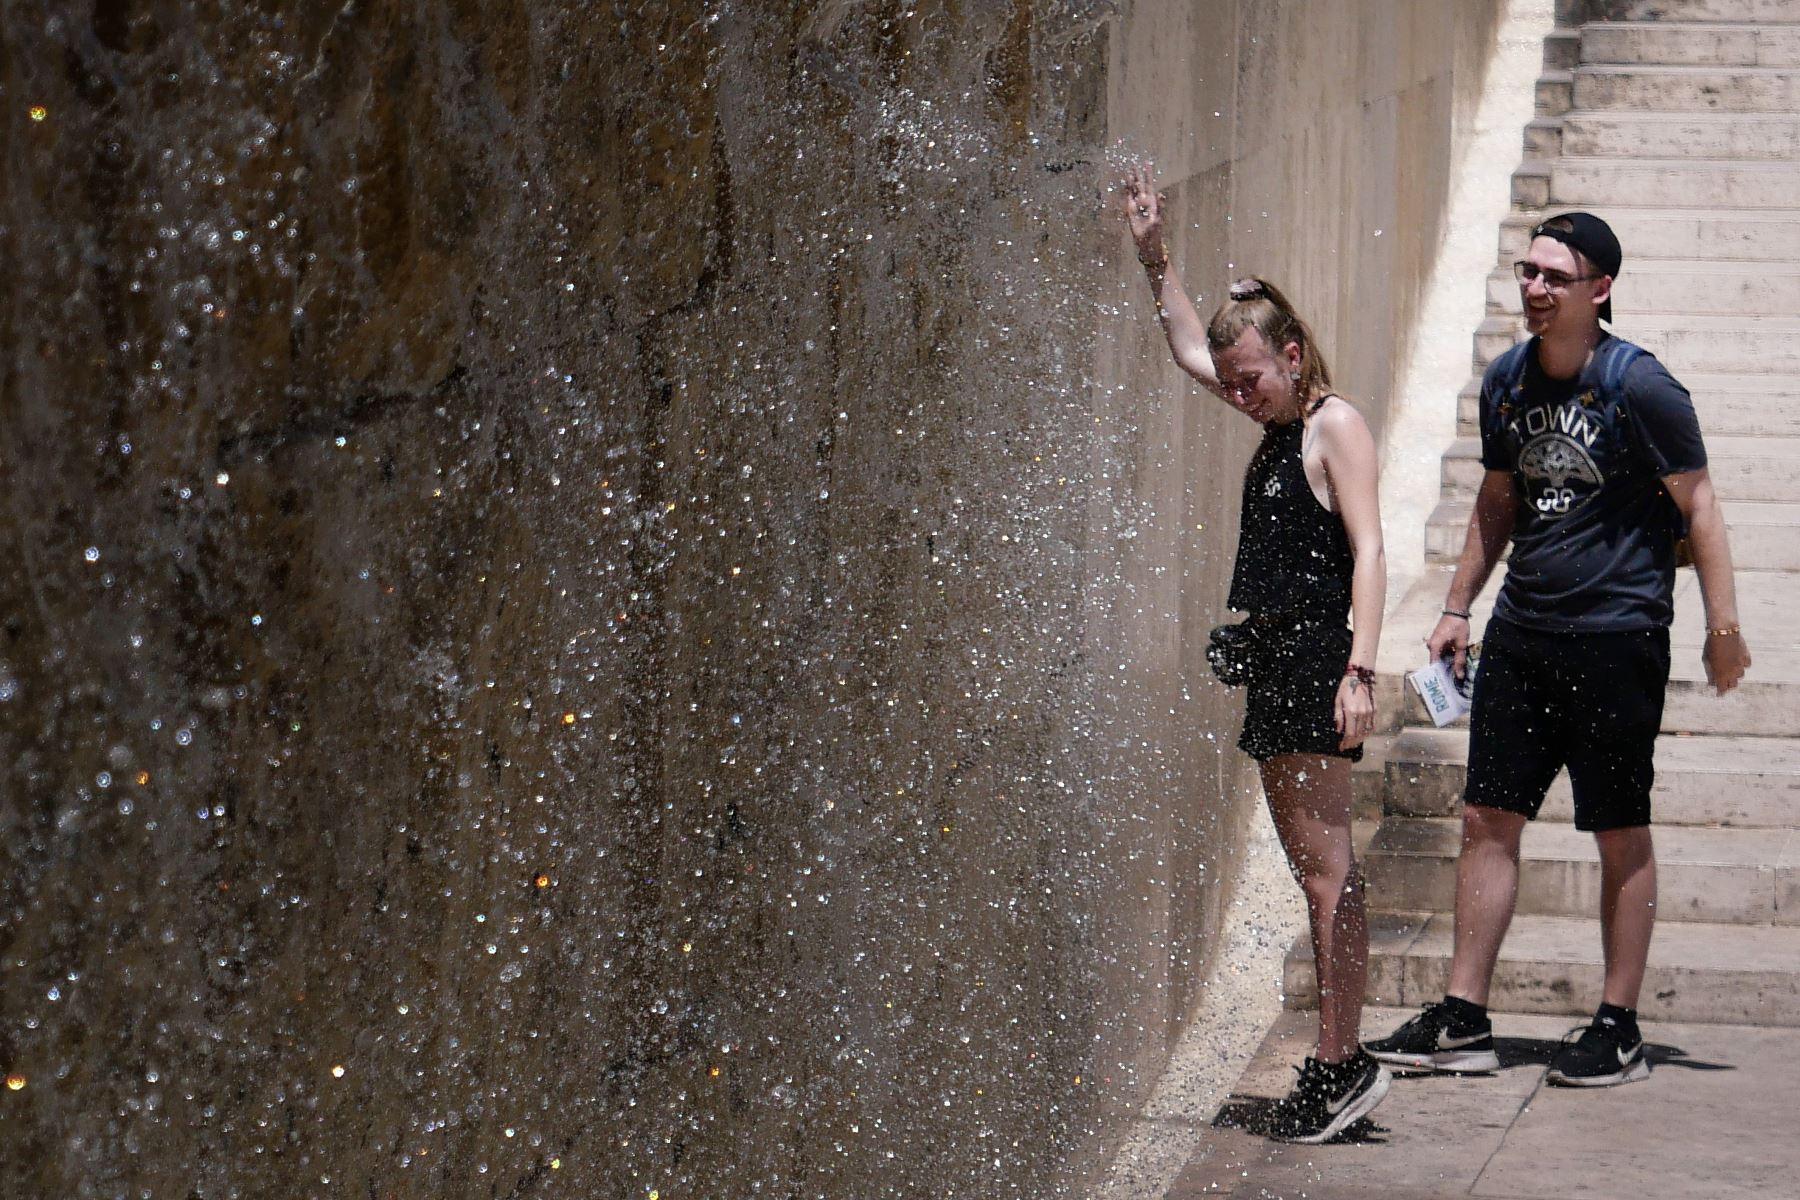 La gente se refresca en una fuente de cascada durante una ola de calor en Roma. Foto: AFP